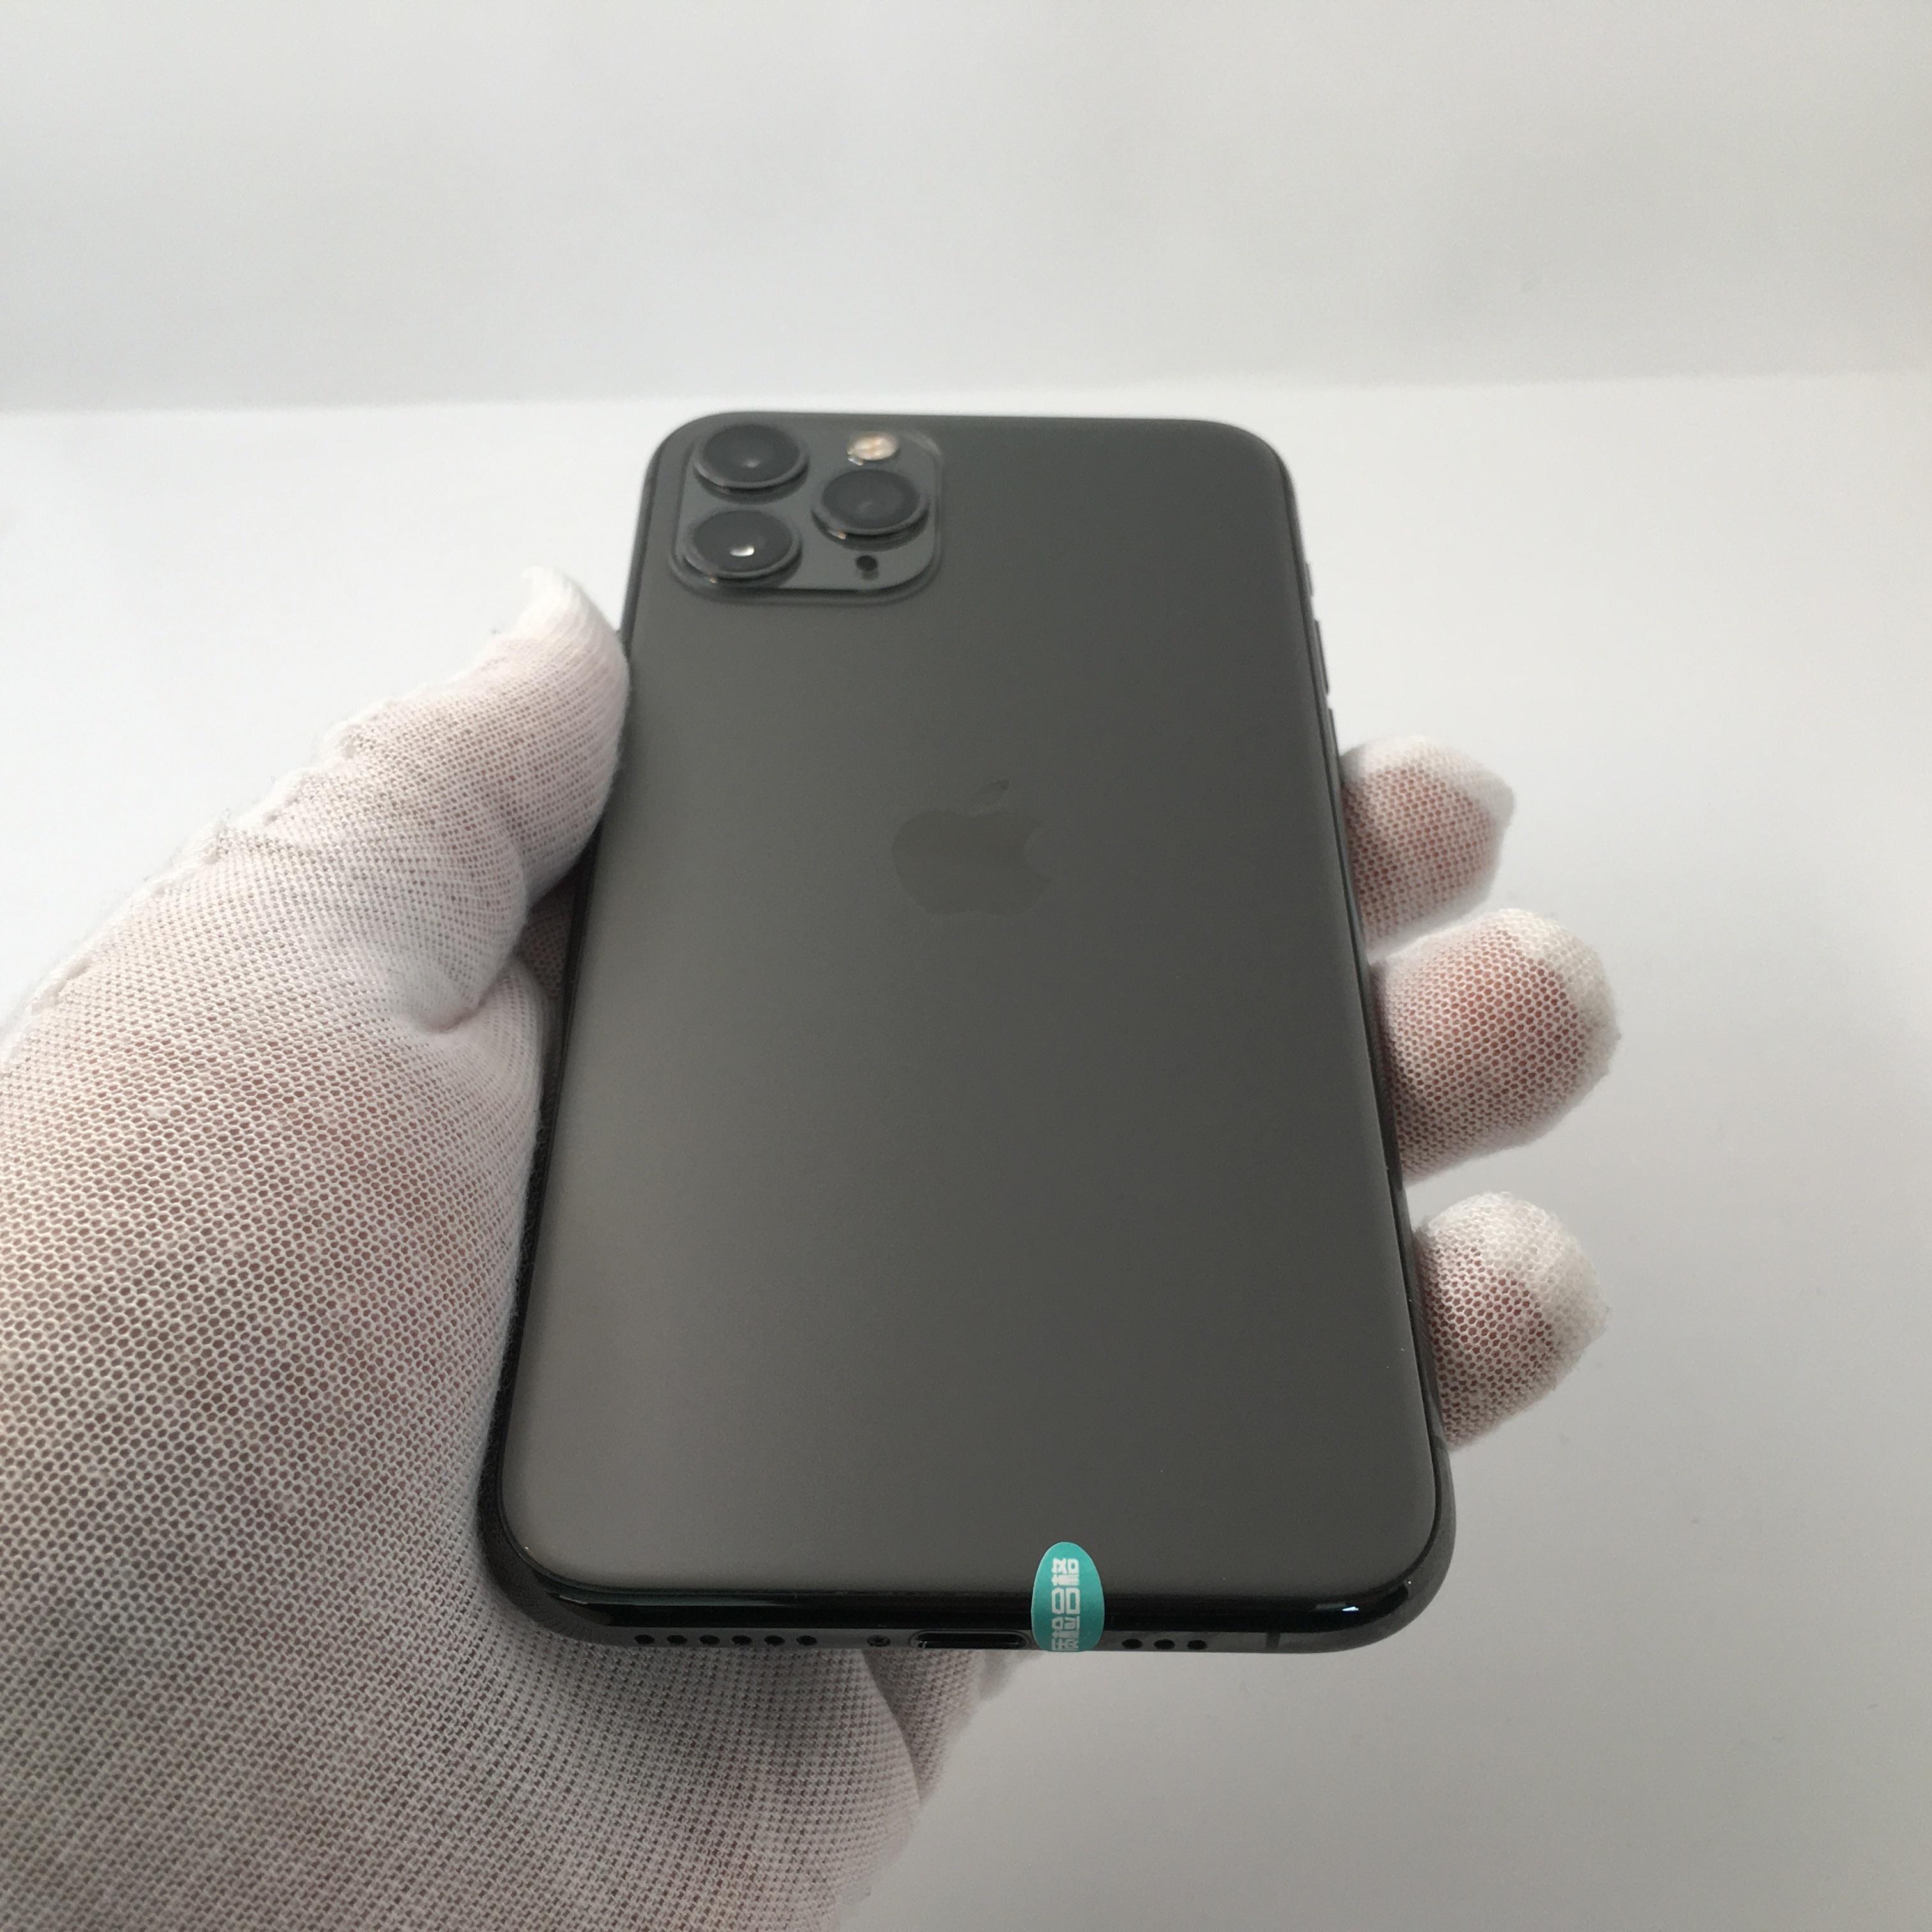 苹果【iPhone 11 Pro】4G全网通 深空灰 256G 国际版 95新